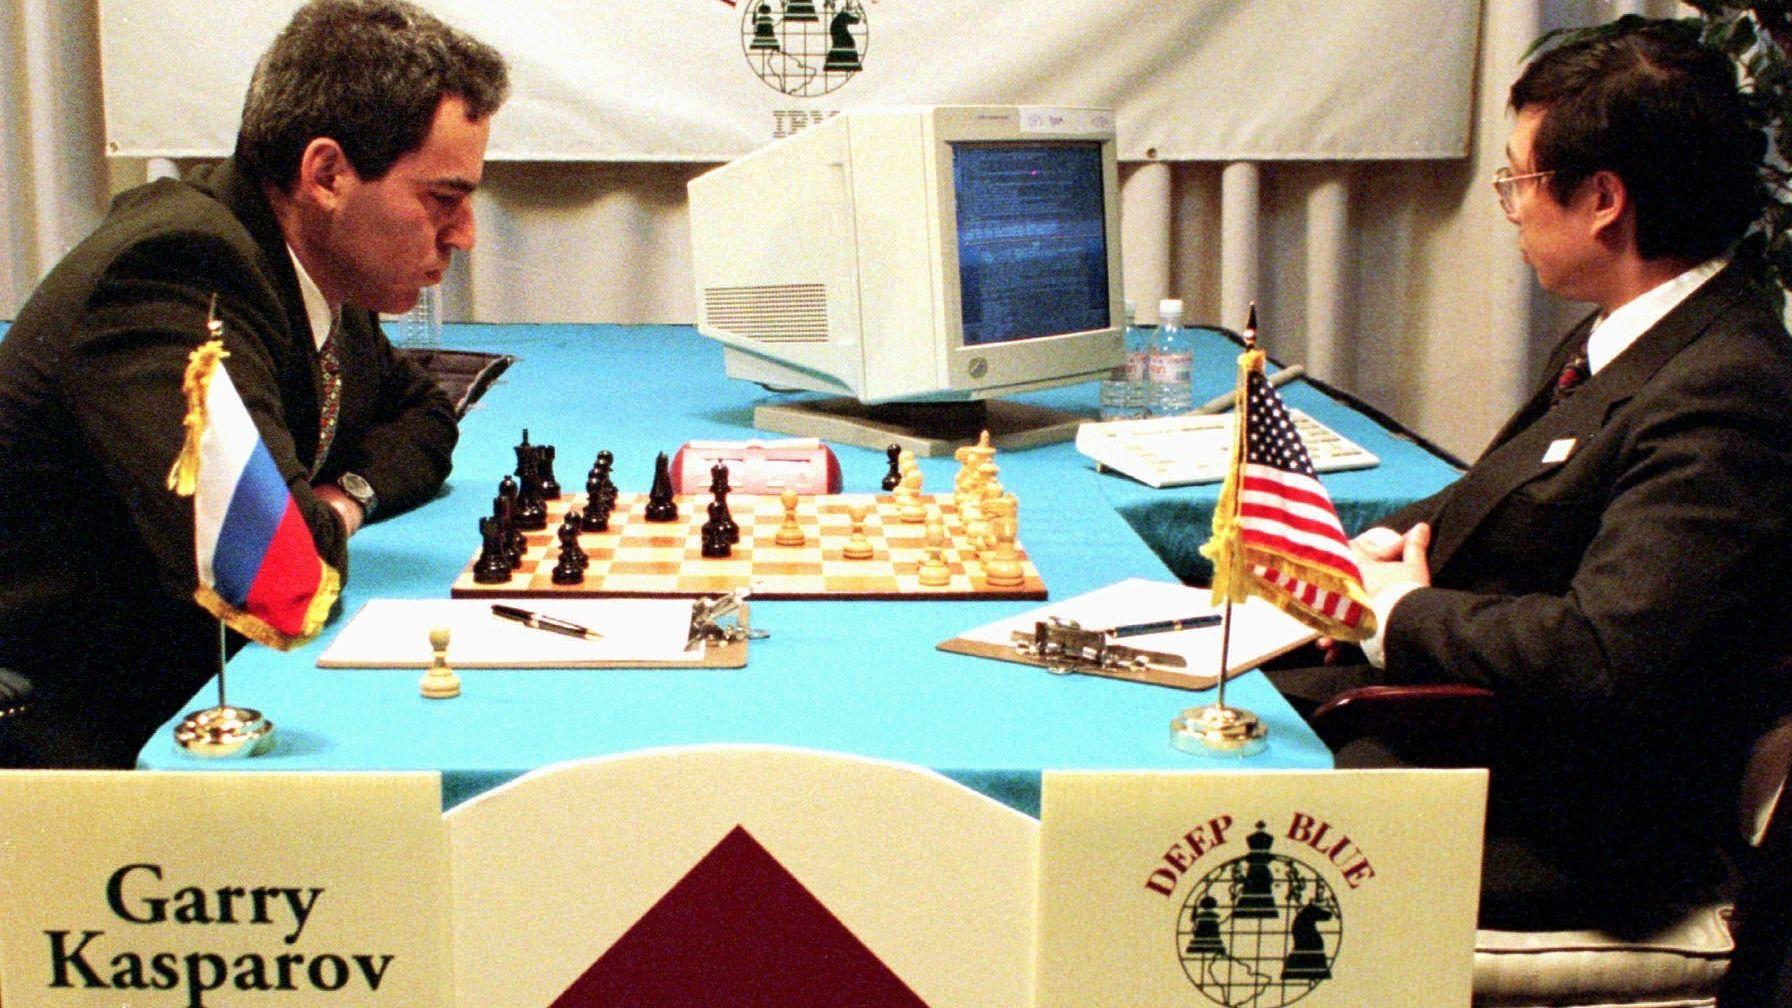 Schachweltmeister Garry Kasparov spielt am 13.2.1996 gegen den IBM-Rechner Deep Blue